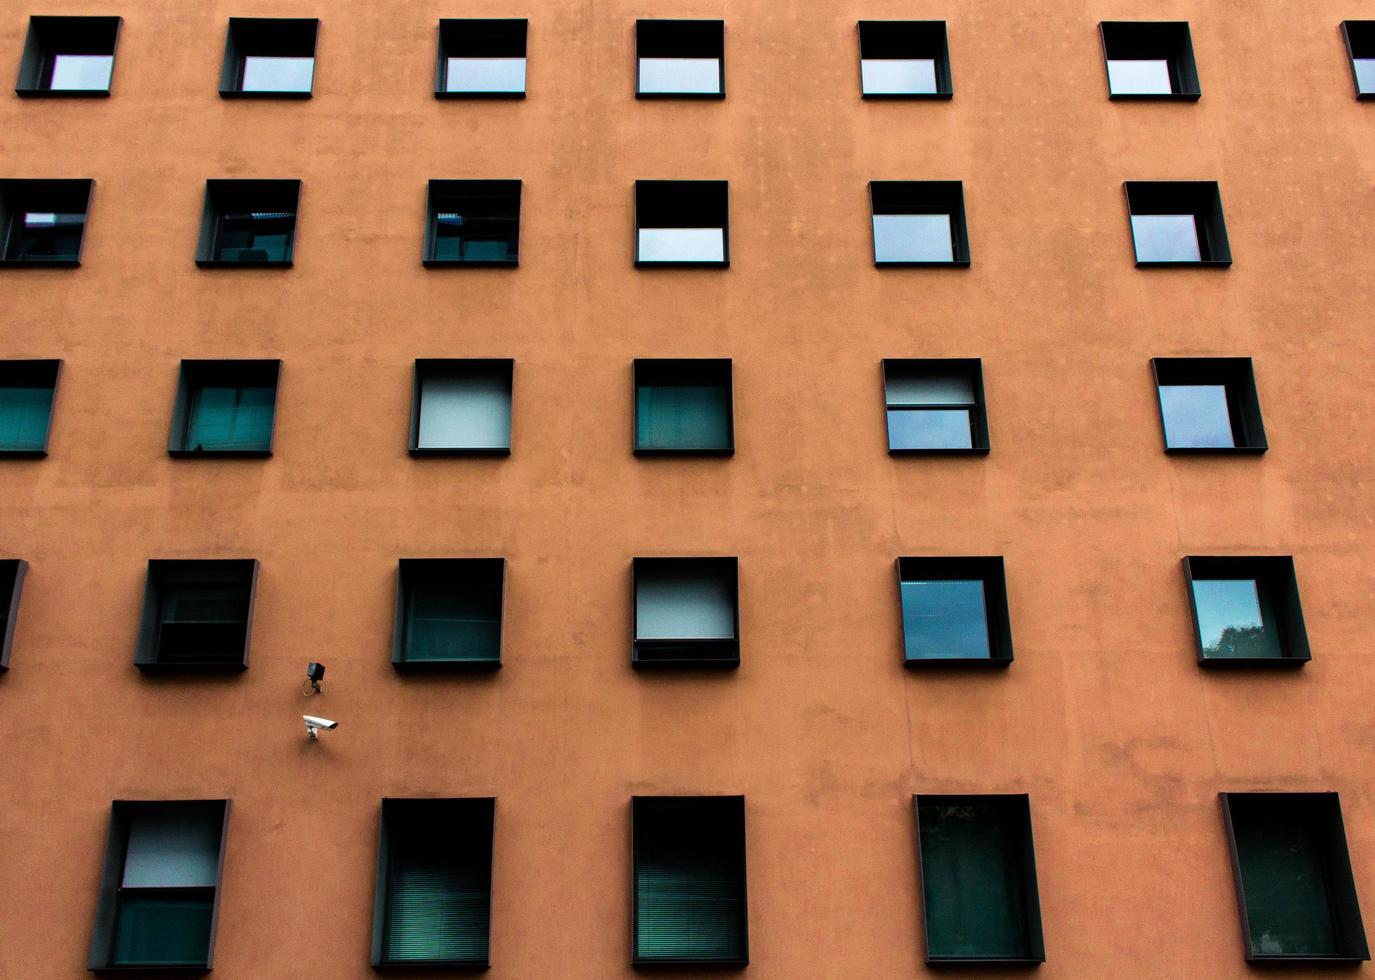 berlino, germania, 2020 - condominio marrone durante il giorno foto